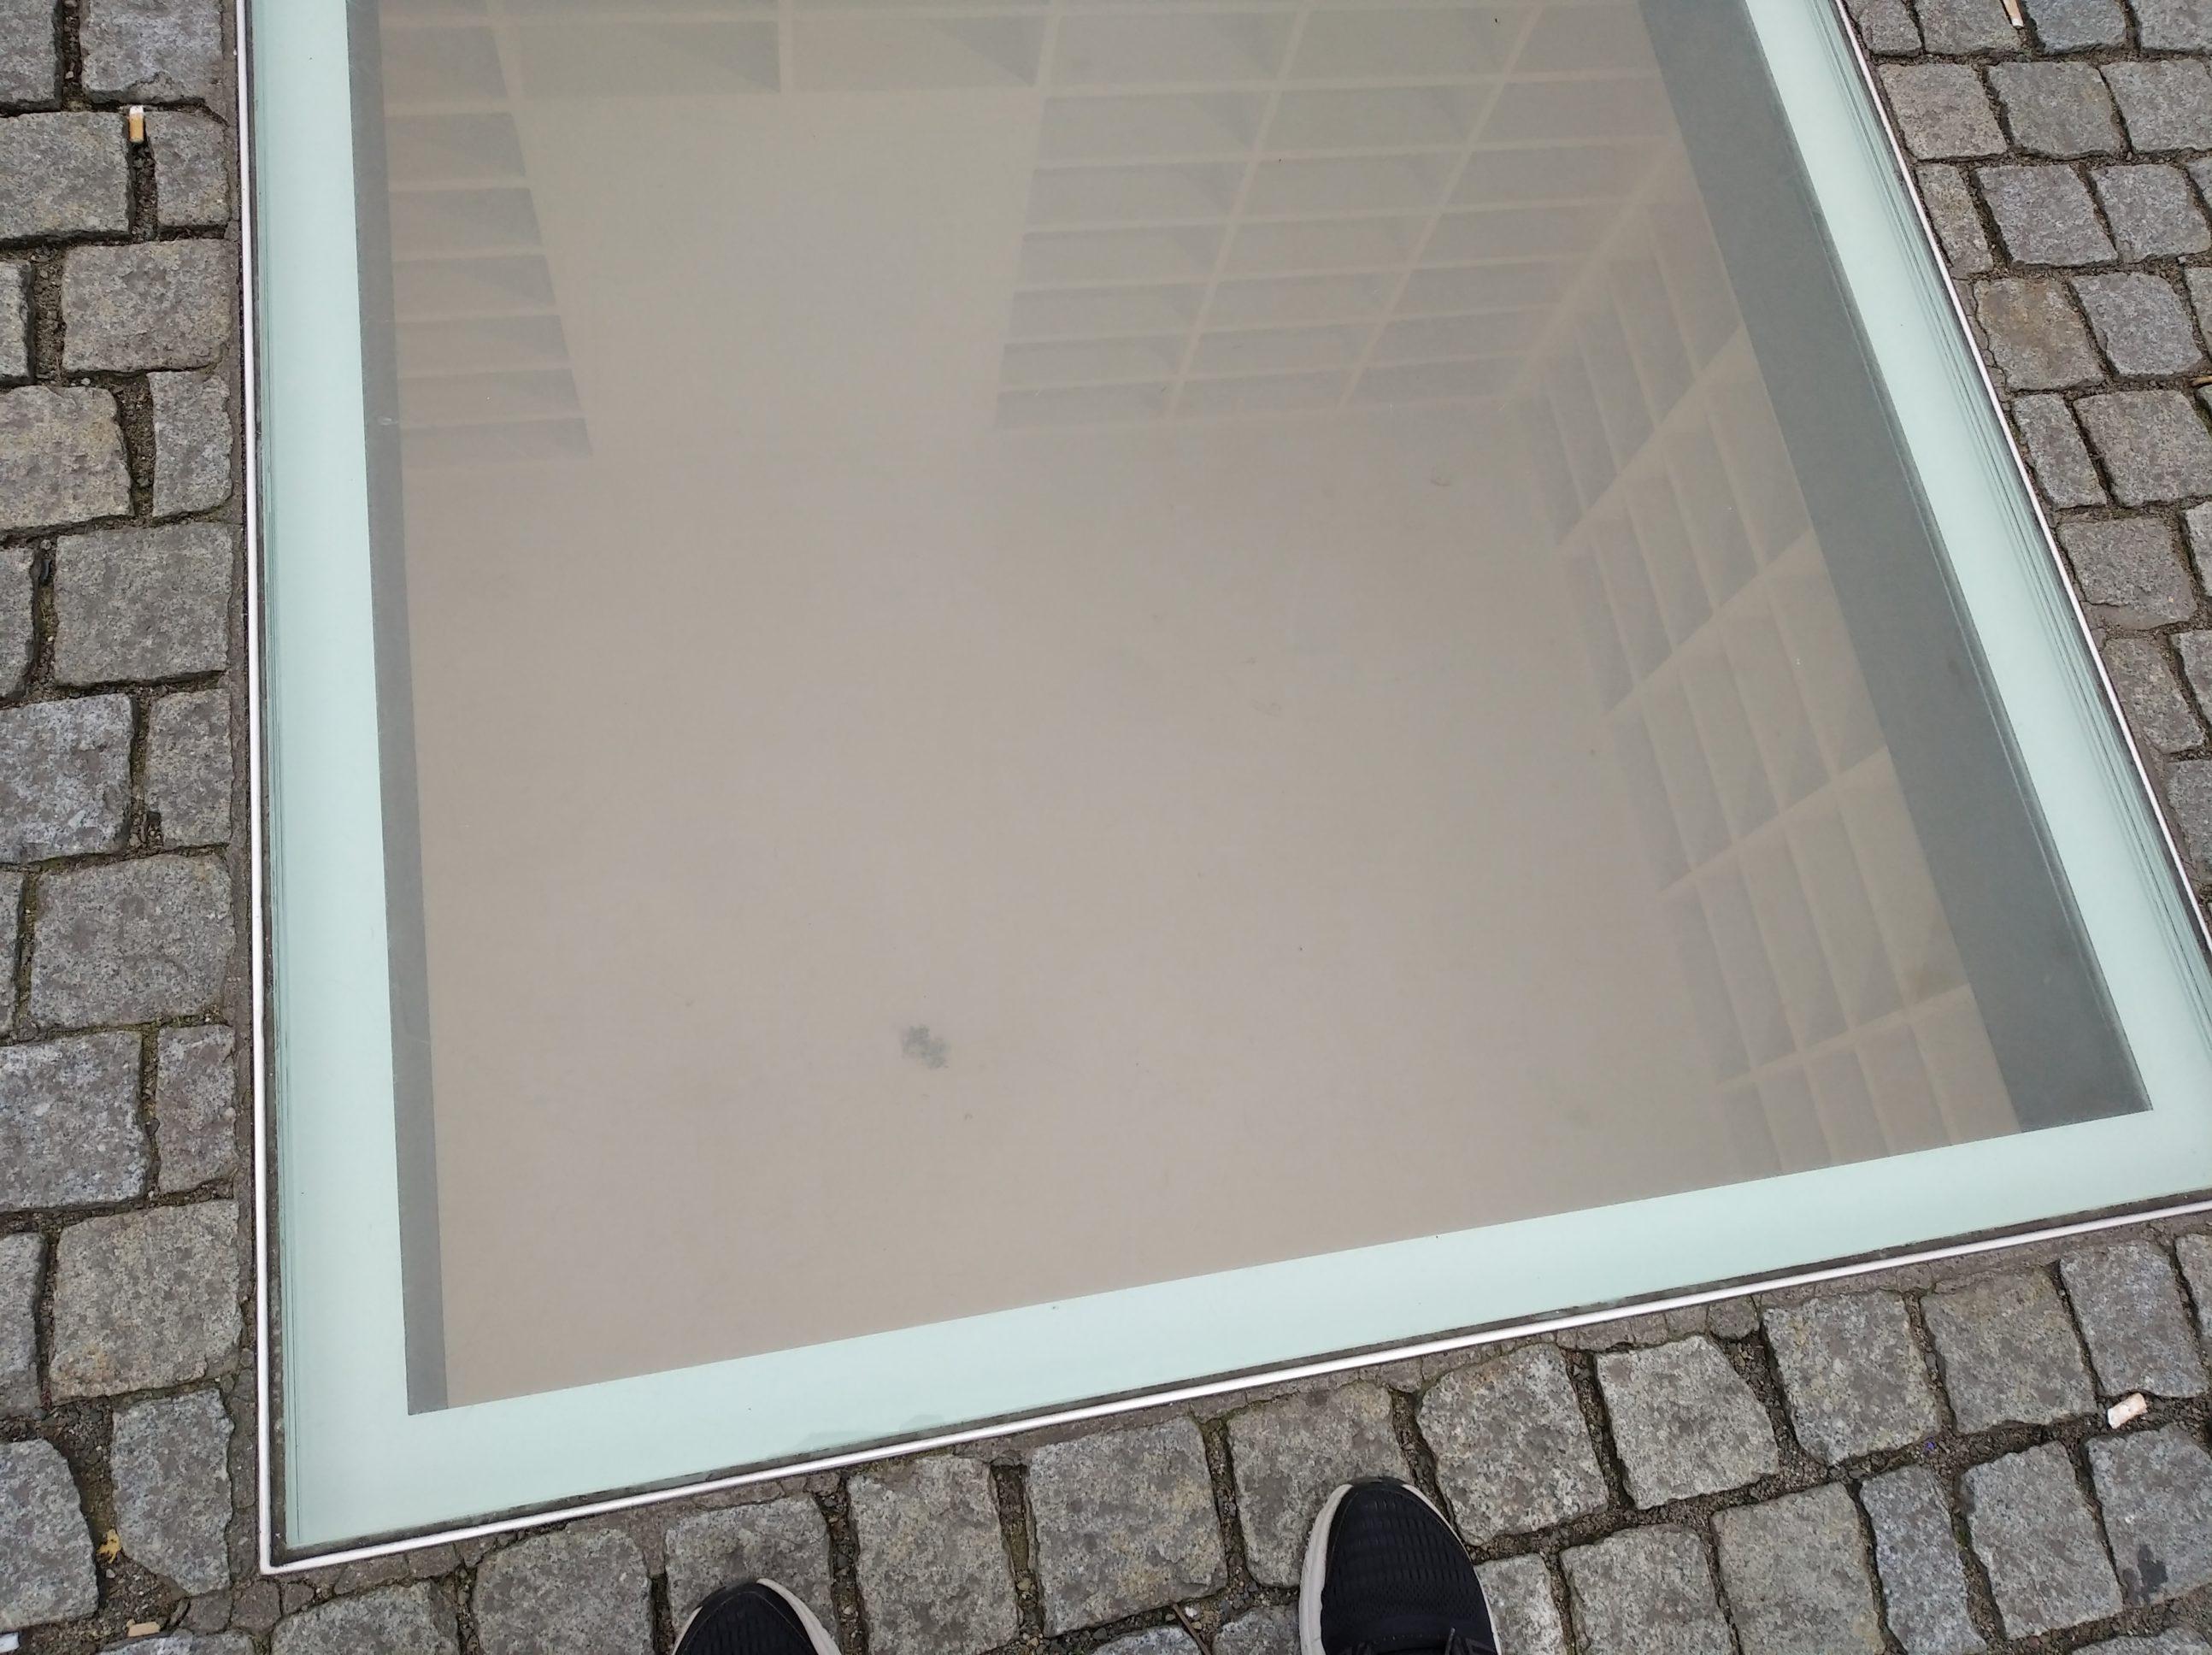 Monumento contra la quema de libros en Berlín